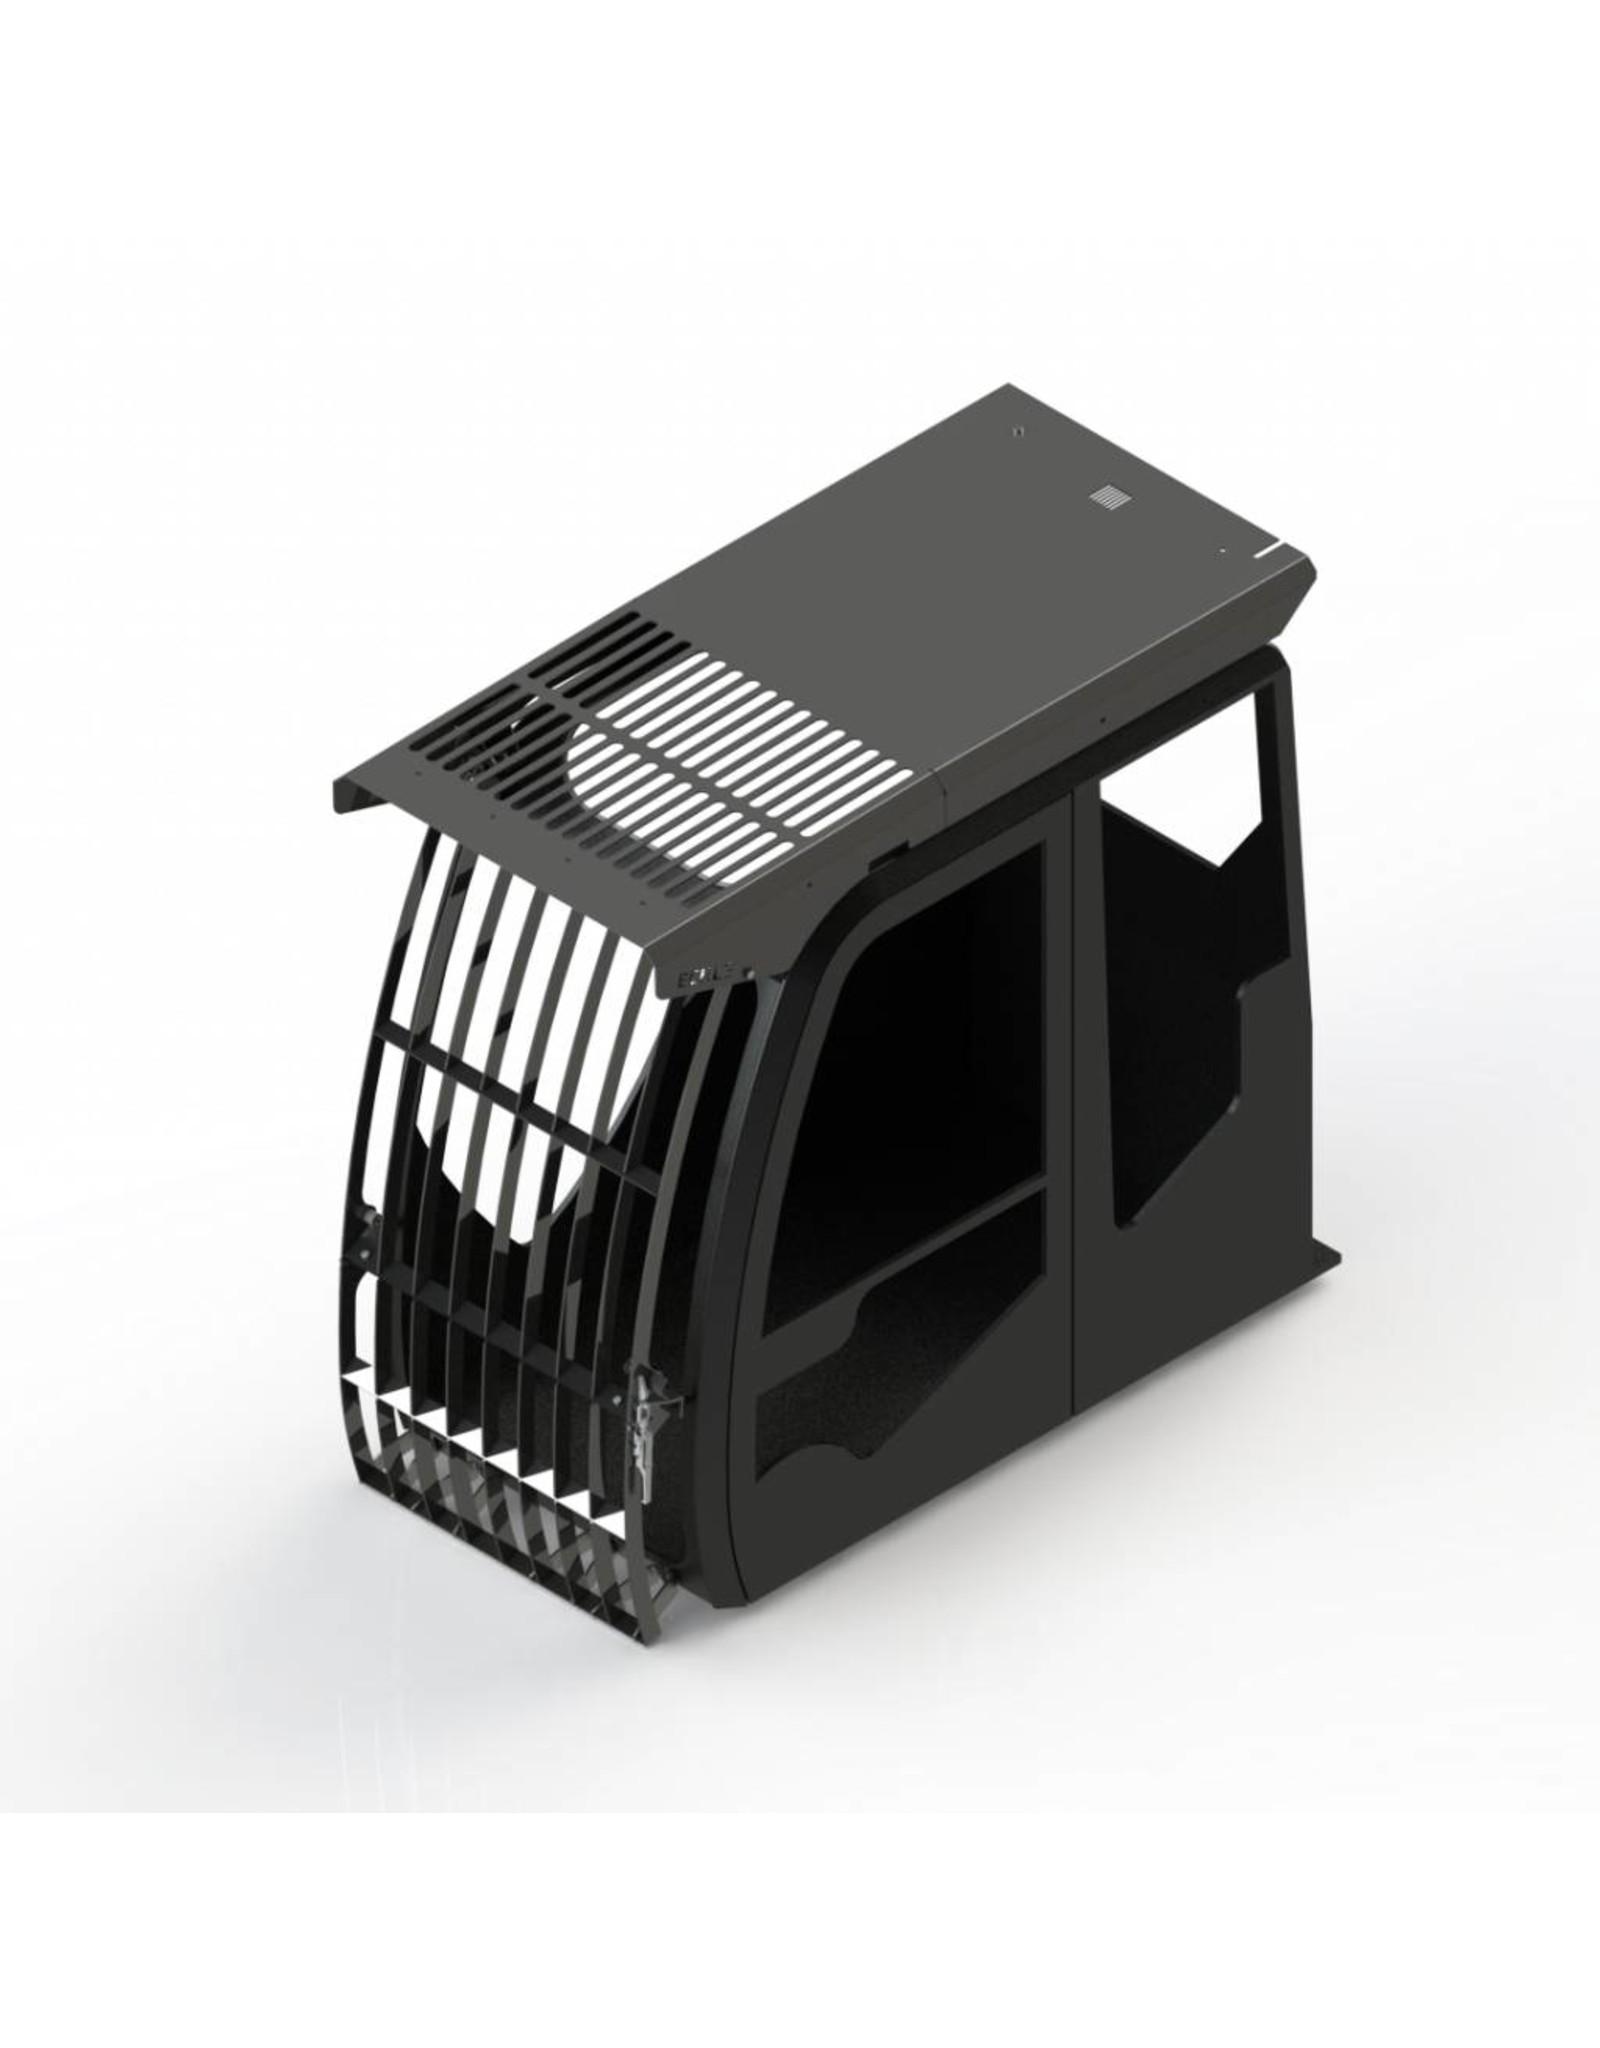 Echle Hartstahl GmbH FOPS pour Komatsu PC290LC-10/11